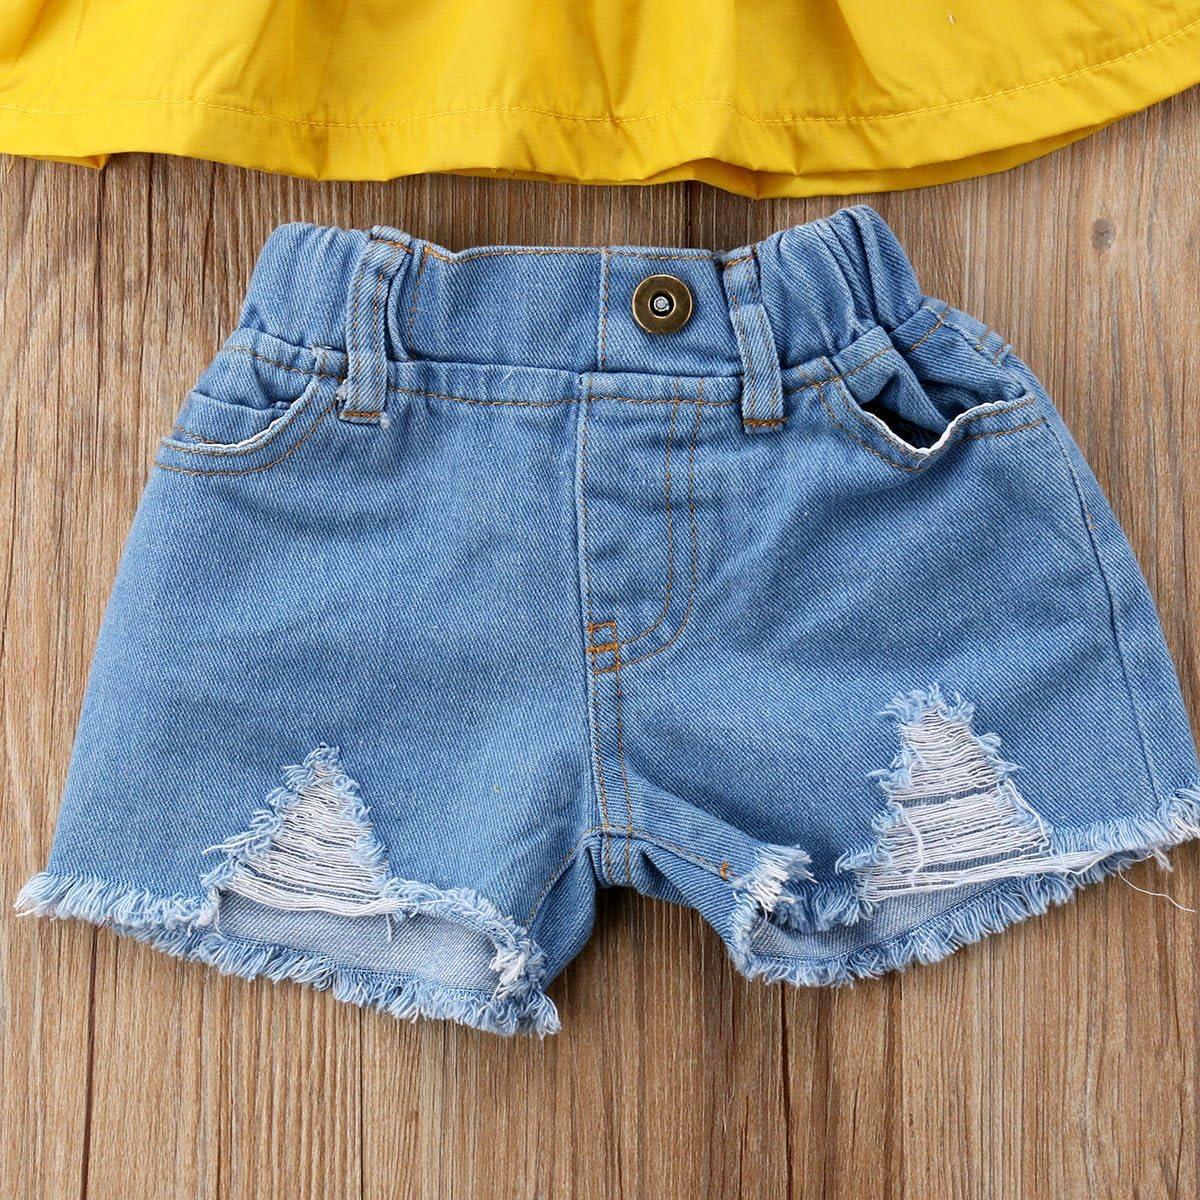 2Pcs Fashion Toddler Kids Baby Girl Ruffles Shirt Top+Denim Shorts Outfits